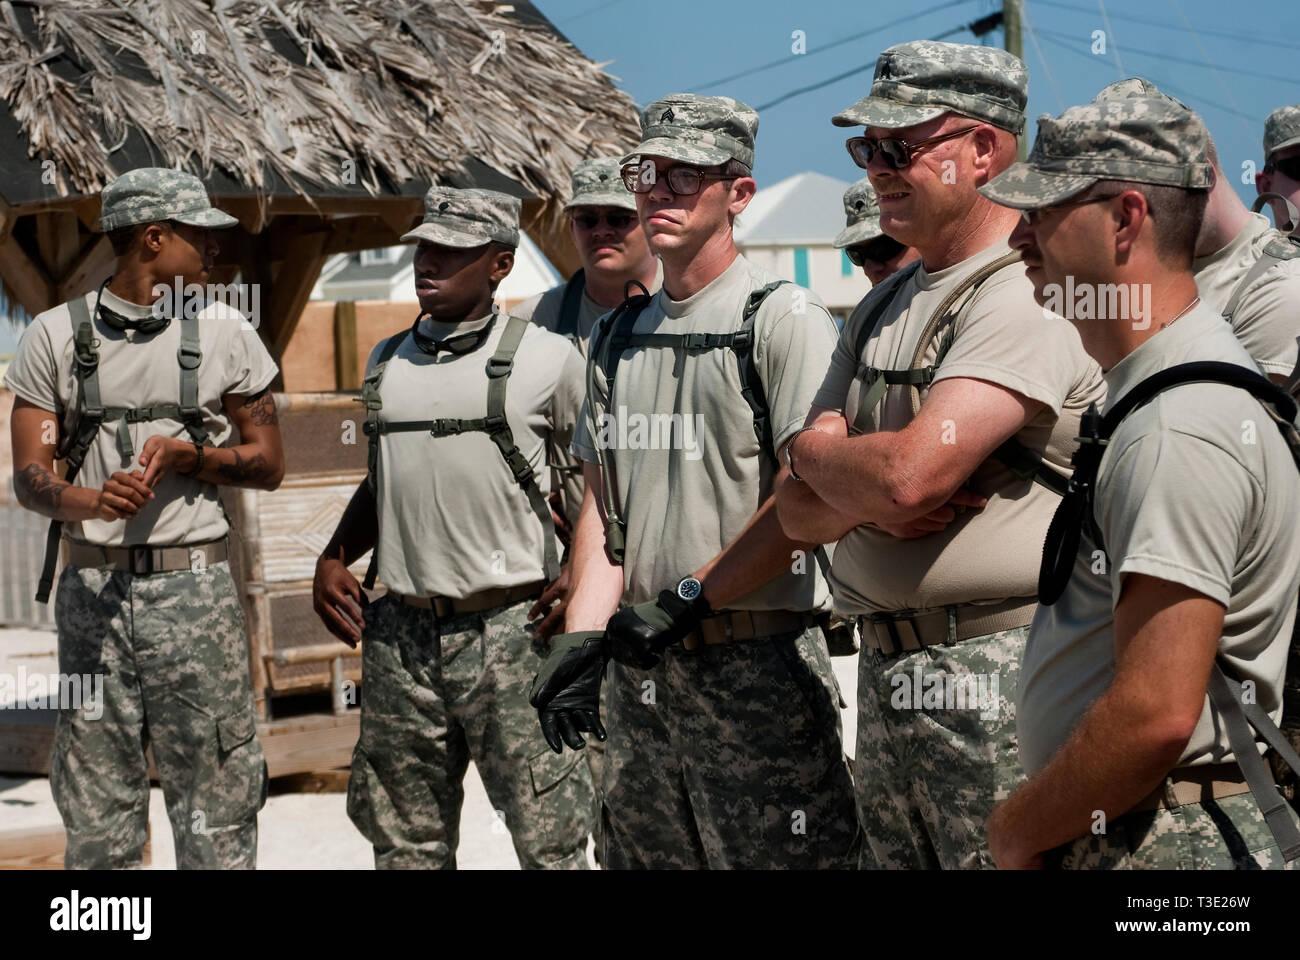 Alabama National Guard Stock Photos & Alabama National Guard Stock